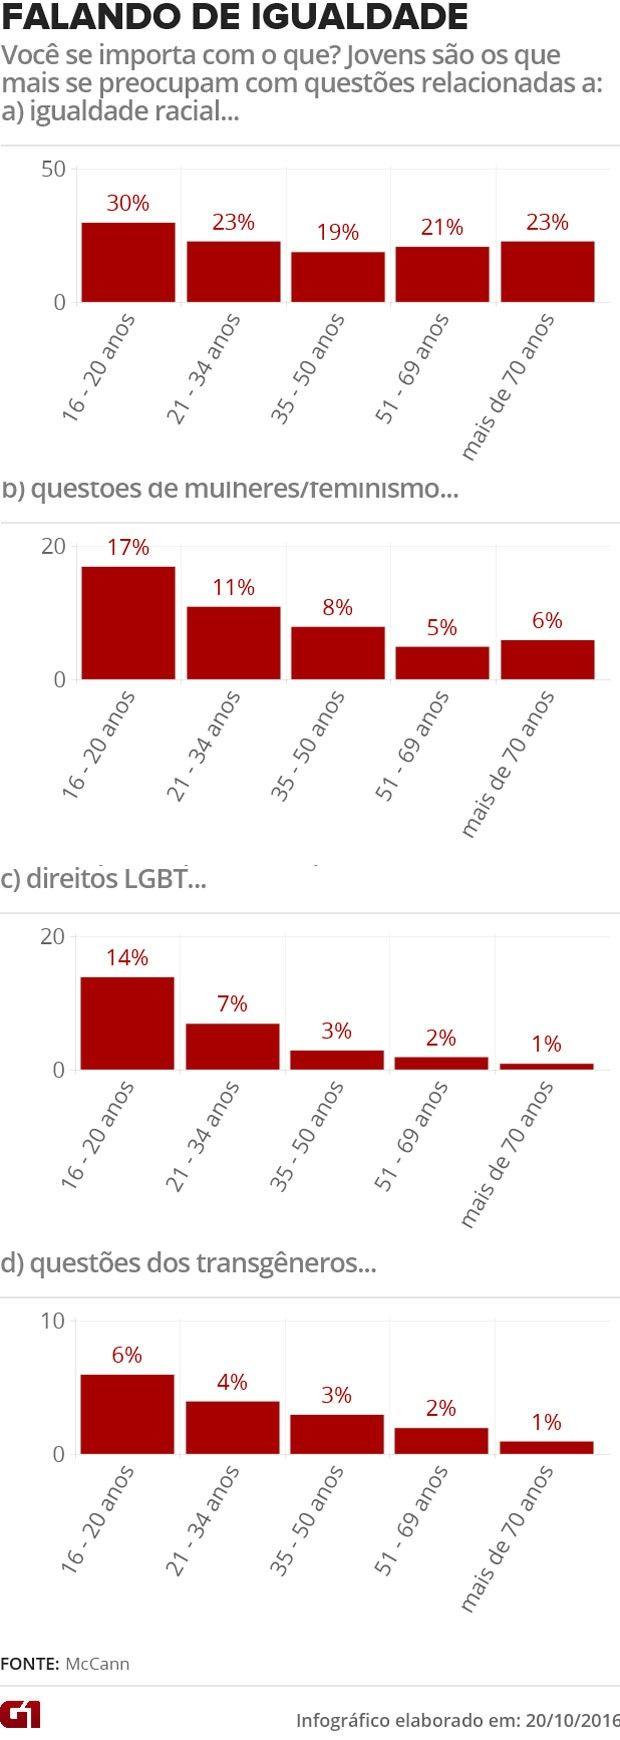 Jovens se preocupam mais com temas relacionados a igualdade (Foto: ARTE/G1)